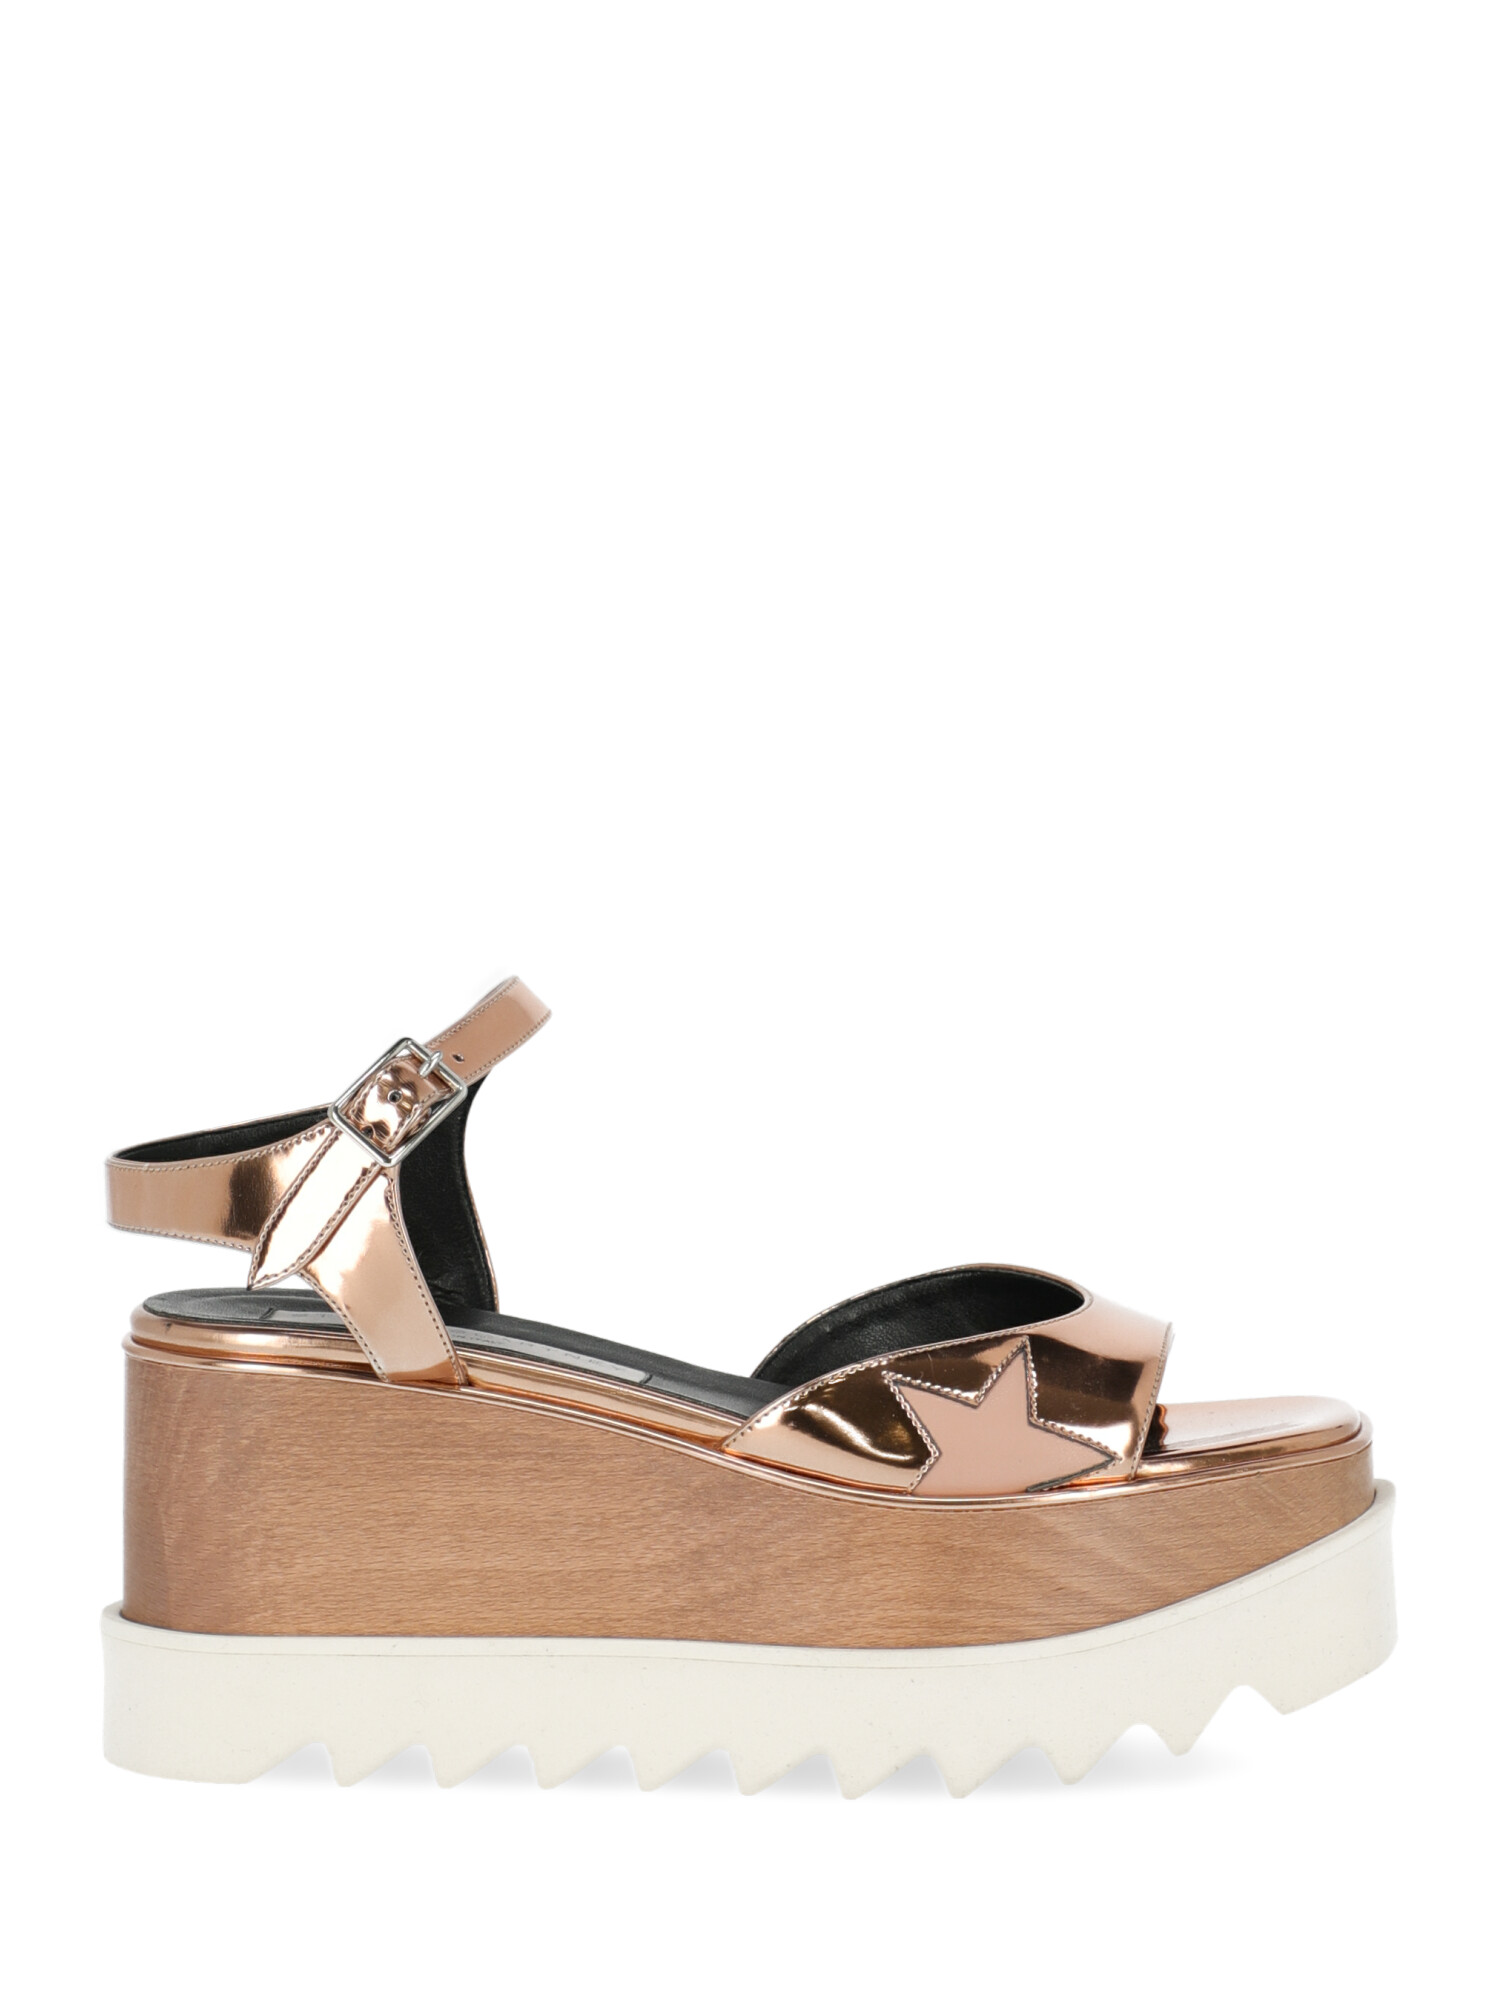 Pre-owned Stella Mccartney Shoe In Bronze